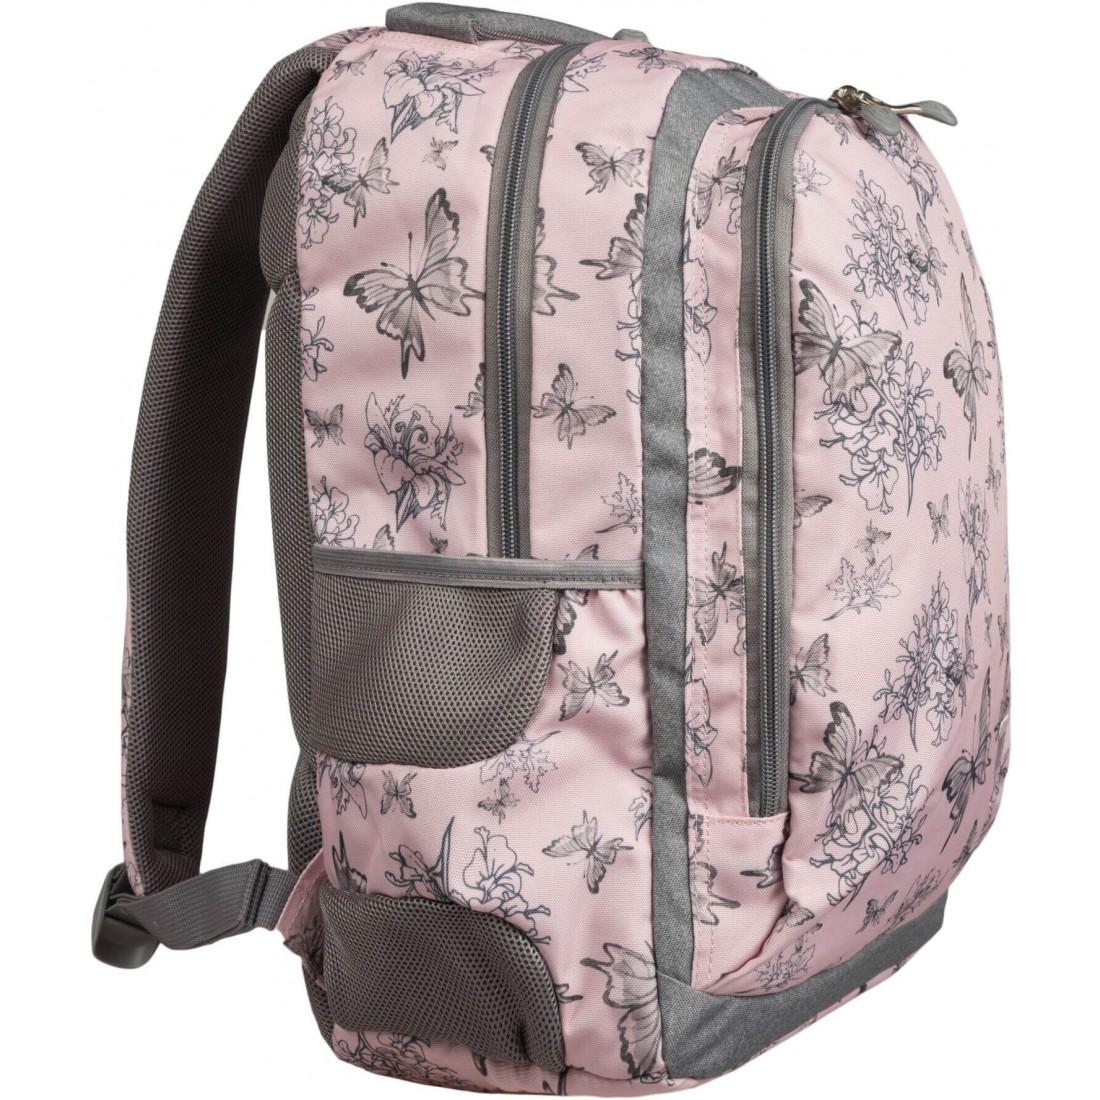 Plecak dla młodzieżyszaro-różowy w motyle od ST.RIGHT z kolekcji Vintage Butterflies